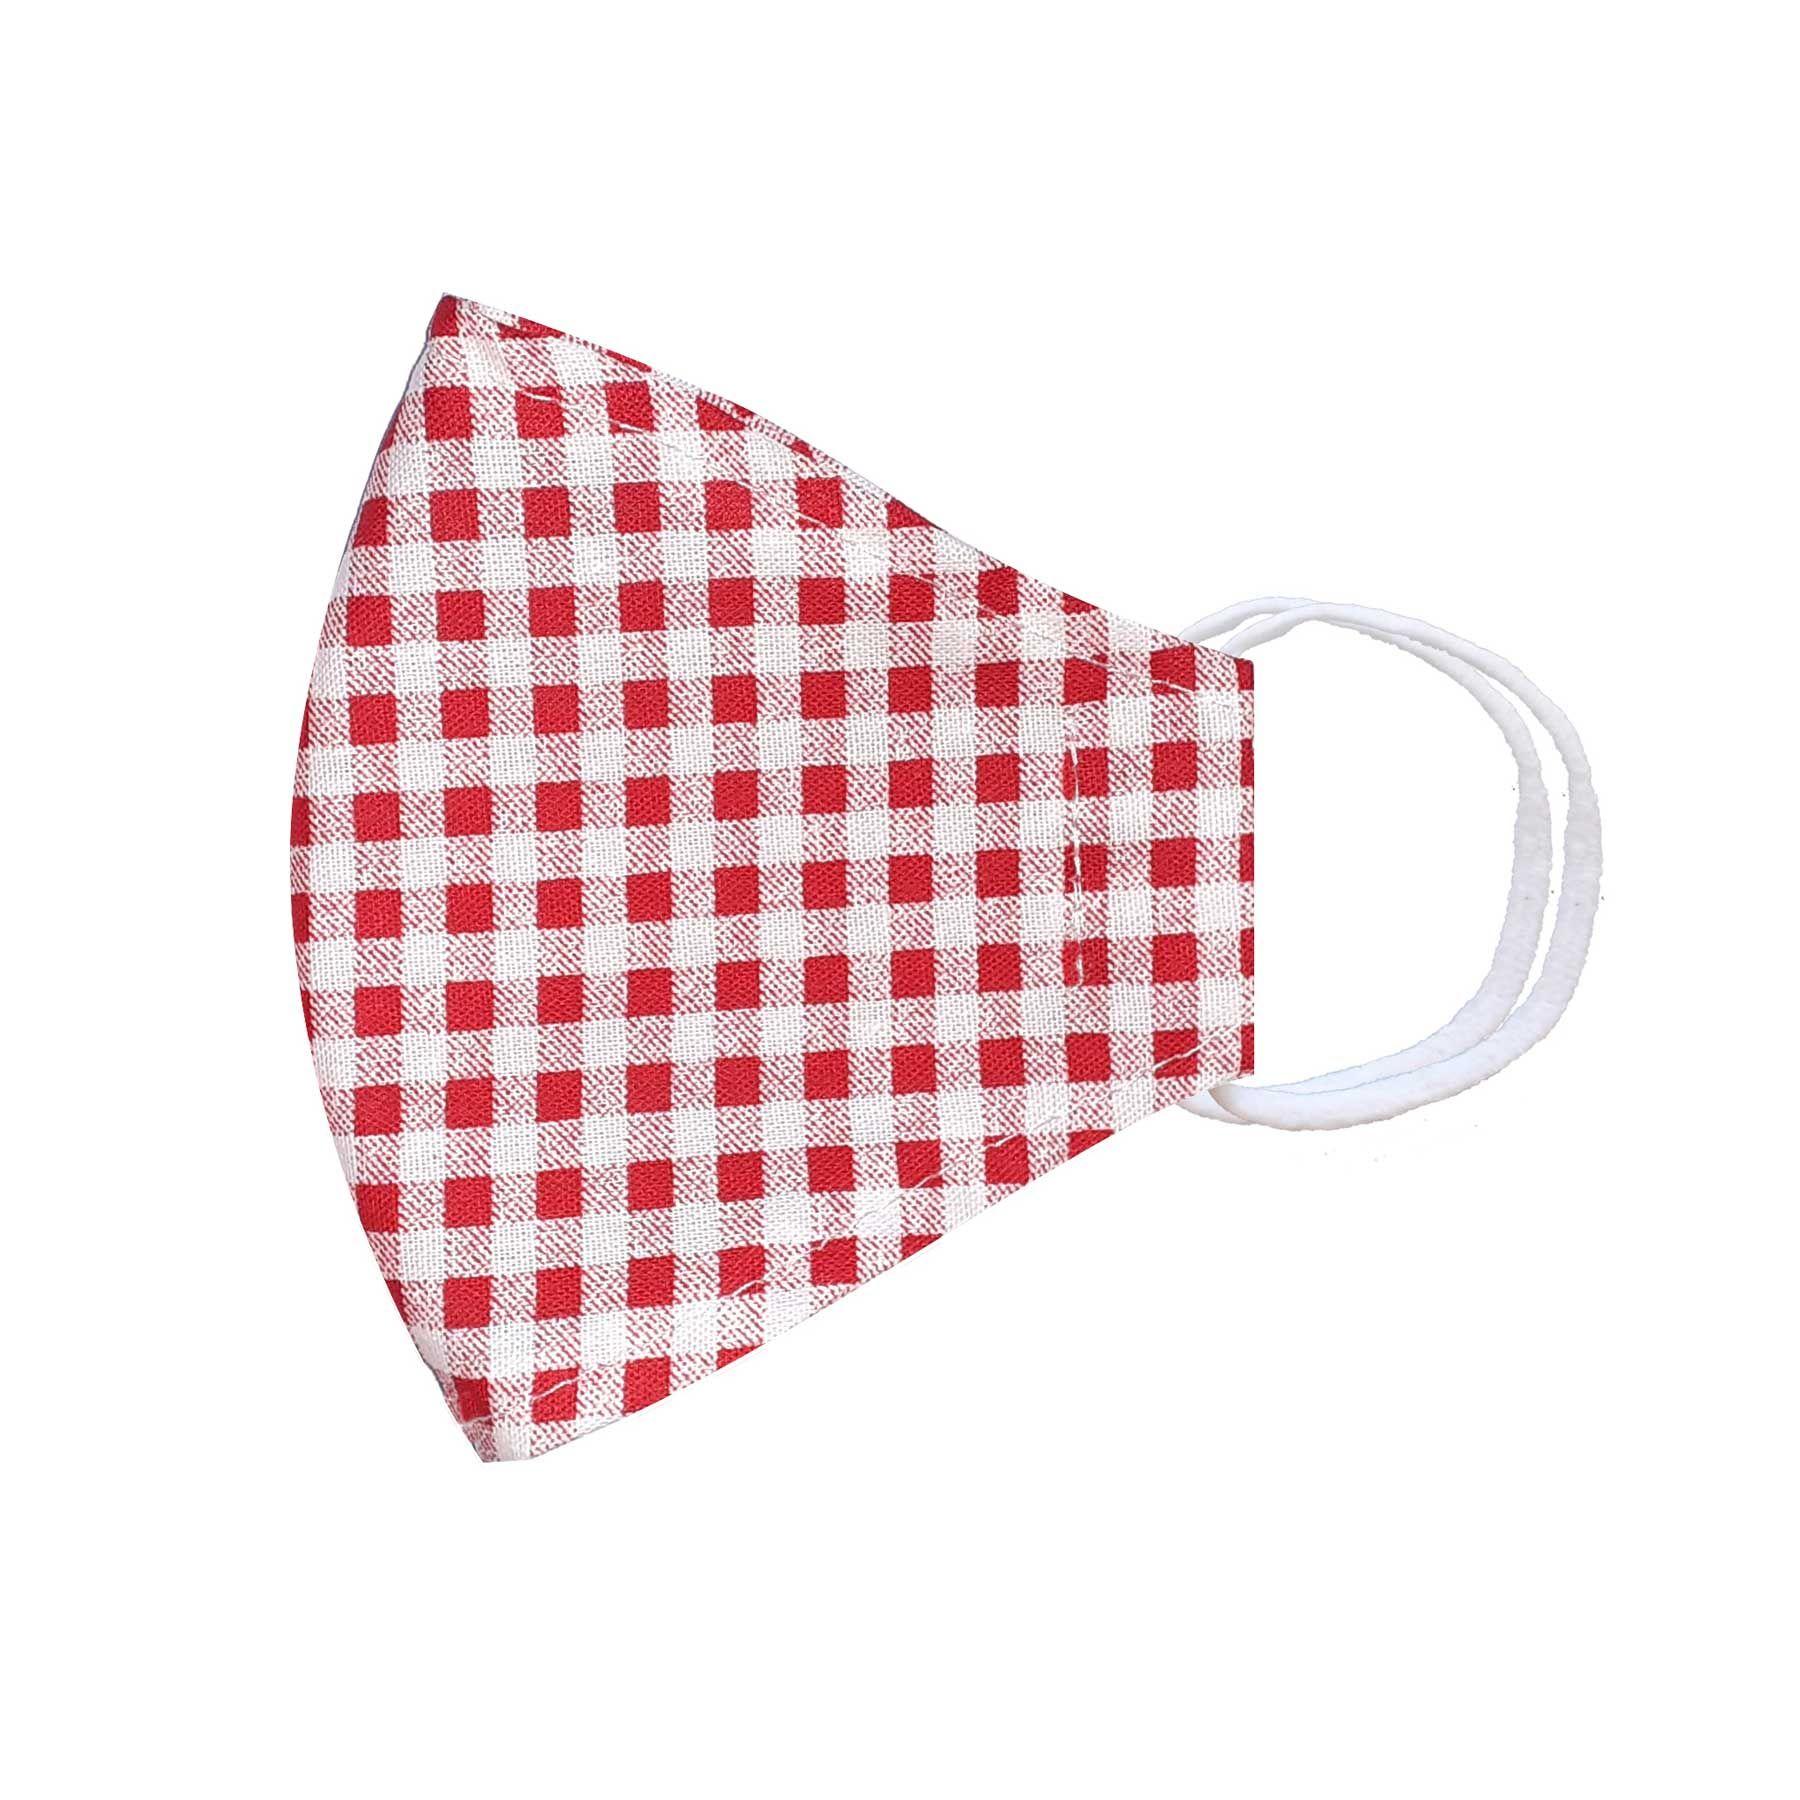 Módní třívrstvé bavlněné ústní roušky tvarované, bílá s červenobílou kostkou s gumičkami dětské